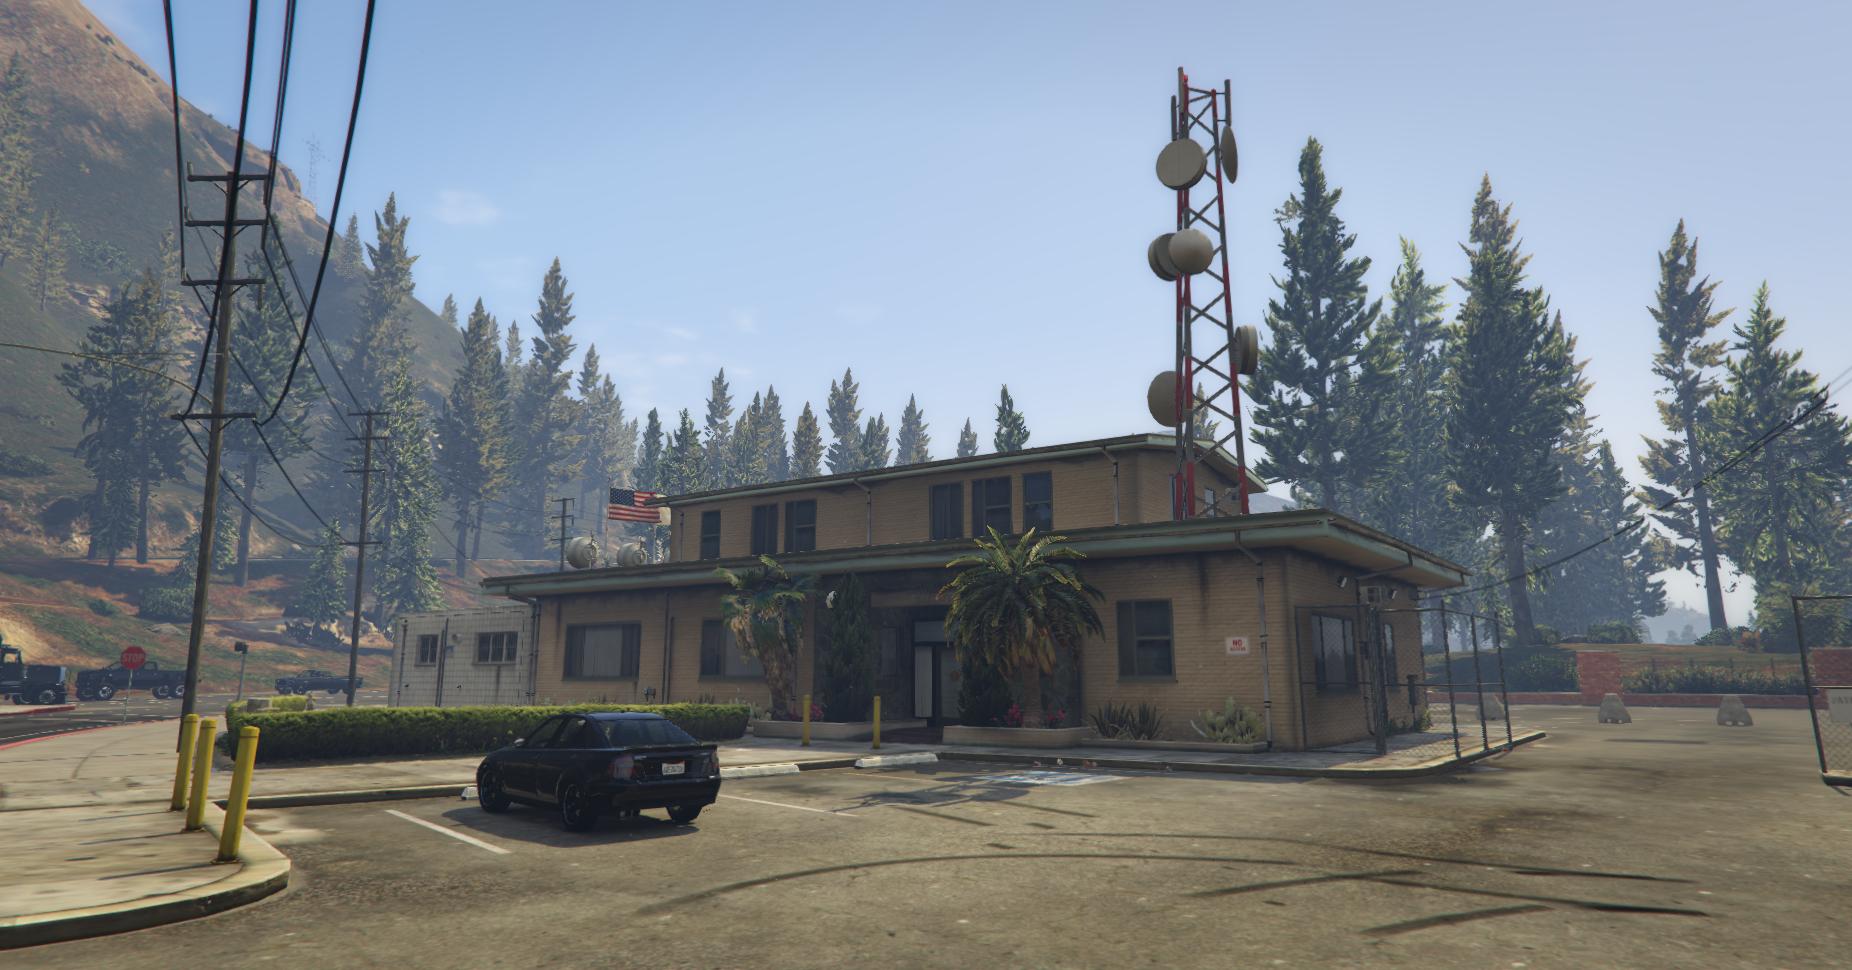 Gta 5 Karte Polizeistation.Paleto Bay Sheriff S Office Gta Wiki Fandom Powered By Wikia